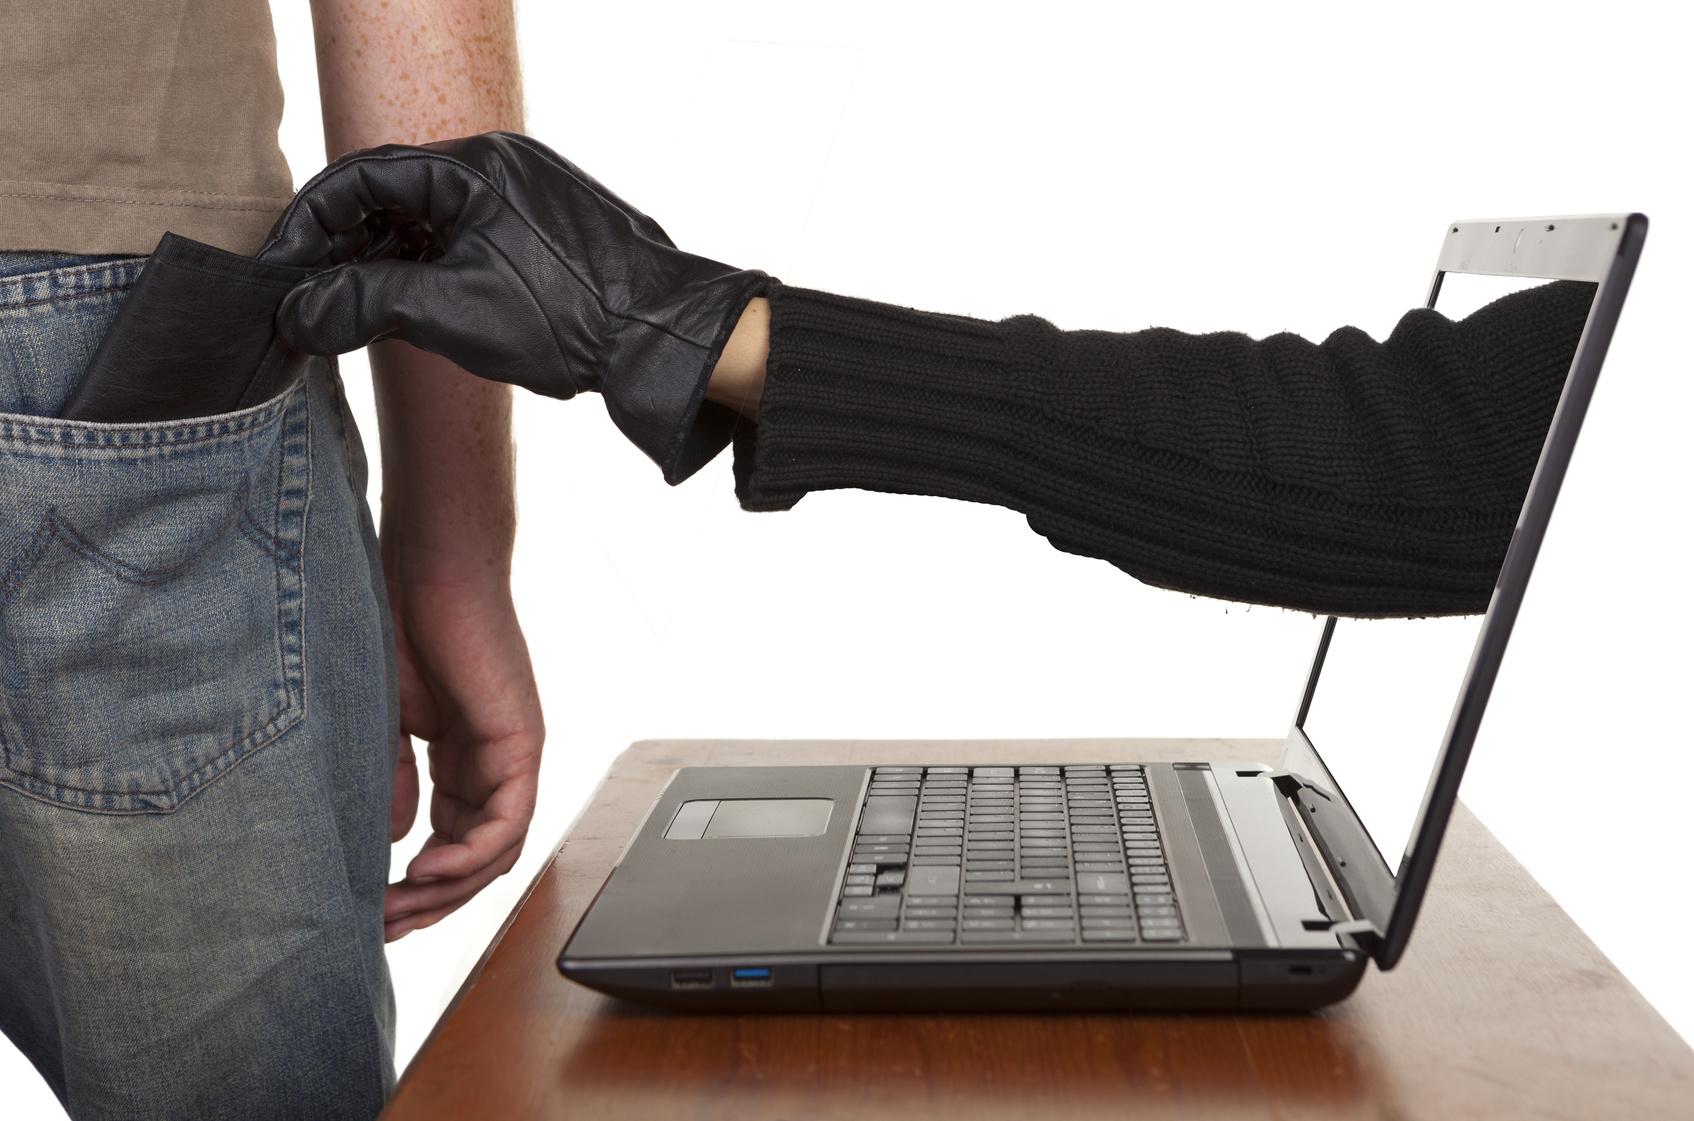 В Пермском крае полиция бьёт тревогу по поводу мошенничества на Авито